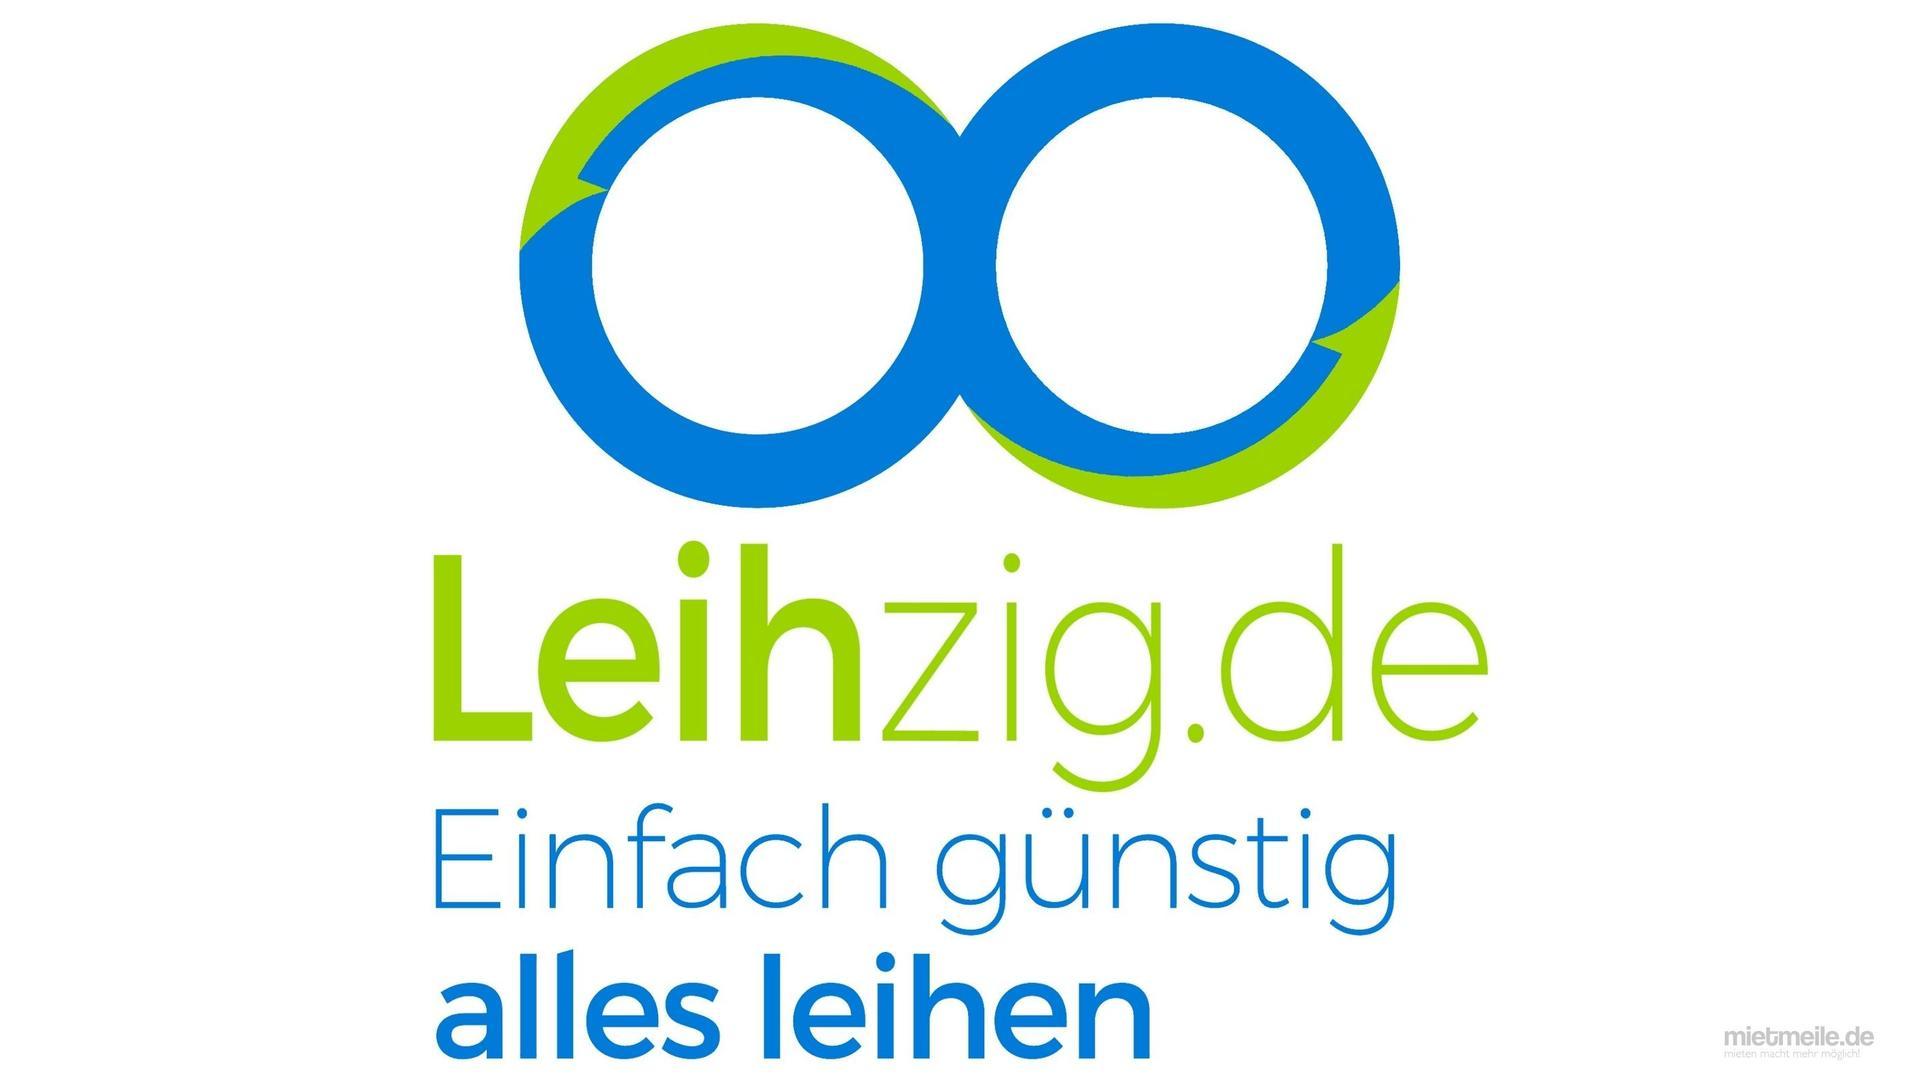 Aufzüge mieten & vermieten - Kettenzug Seilzug Flaschenzug Handkettenzug in Schkeuditz